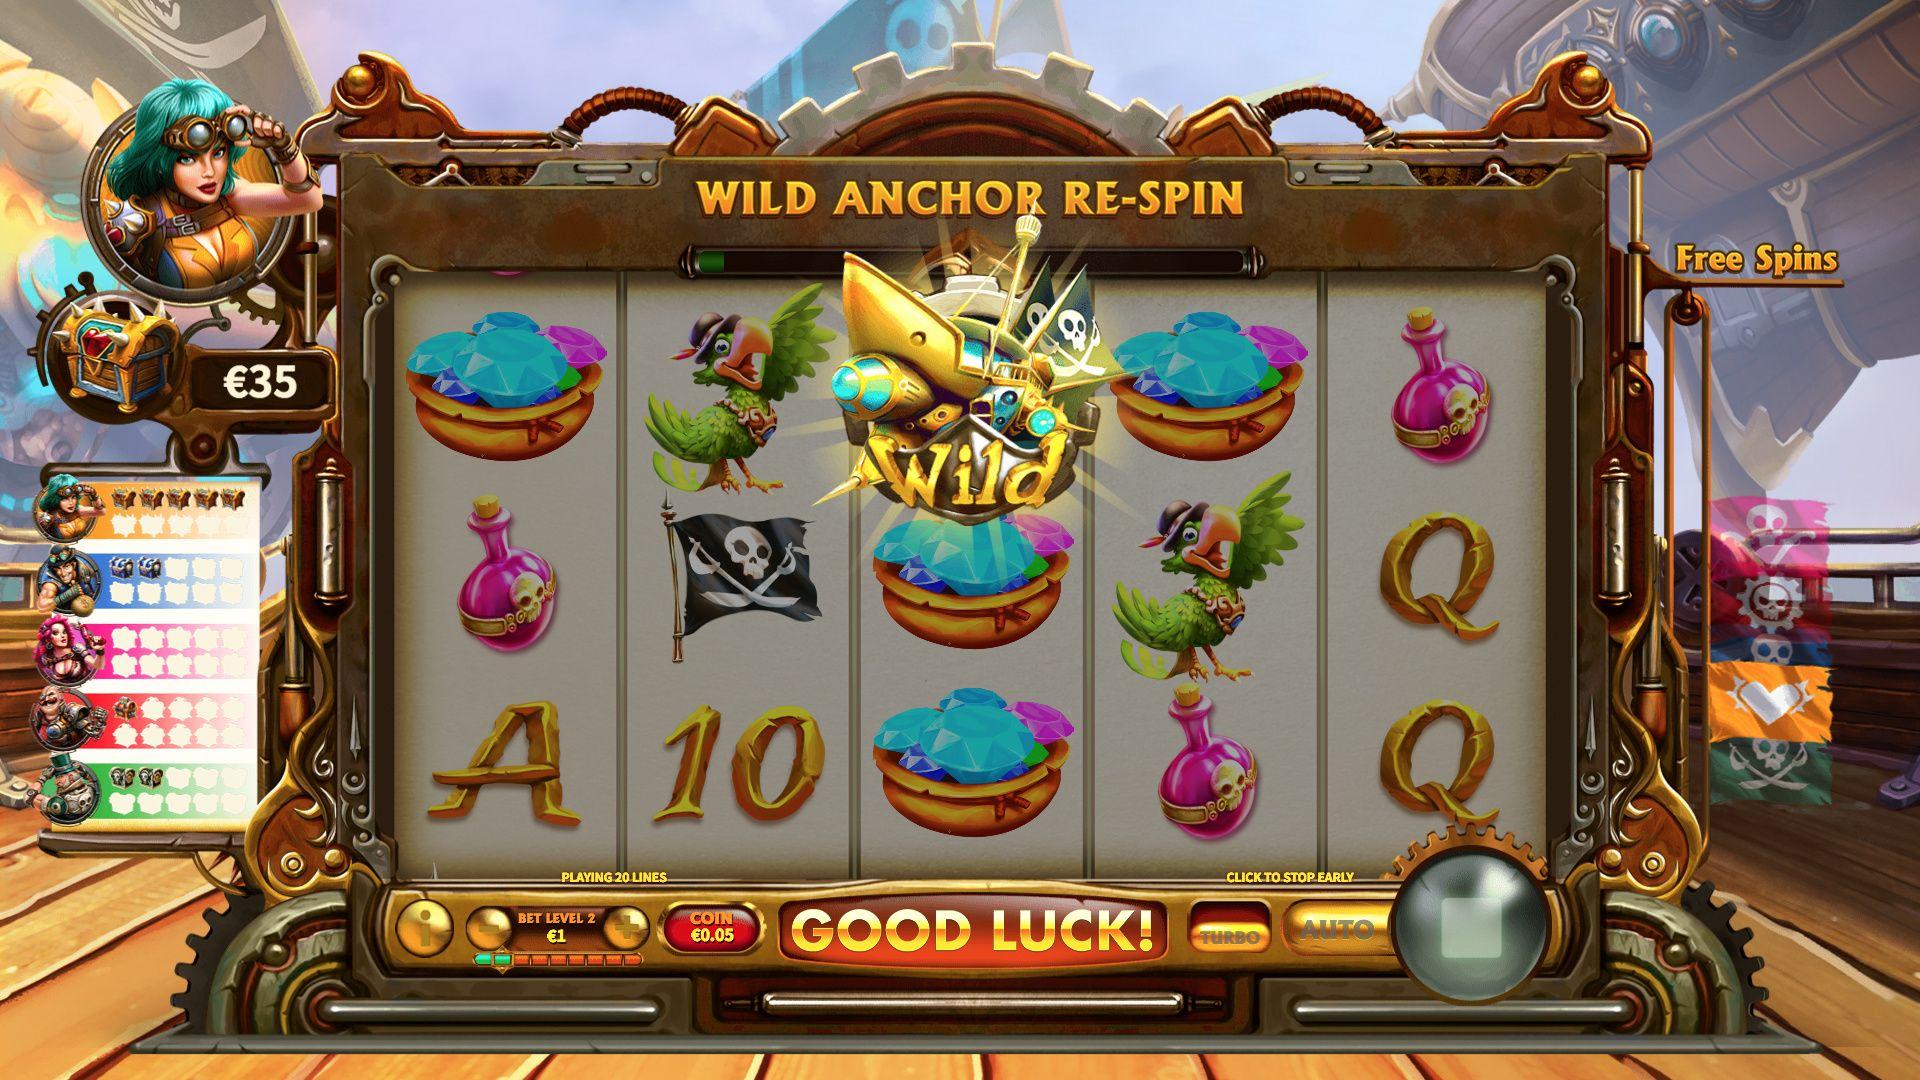 Wild Anchor Respin